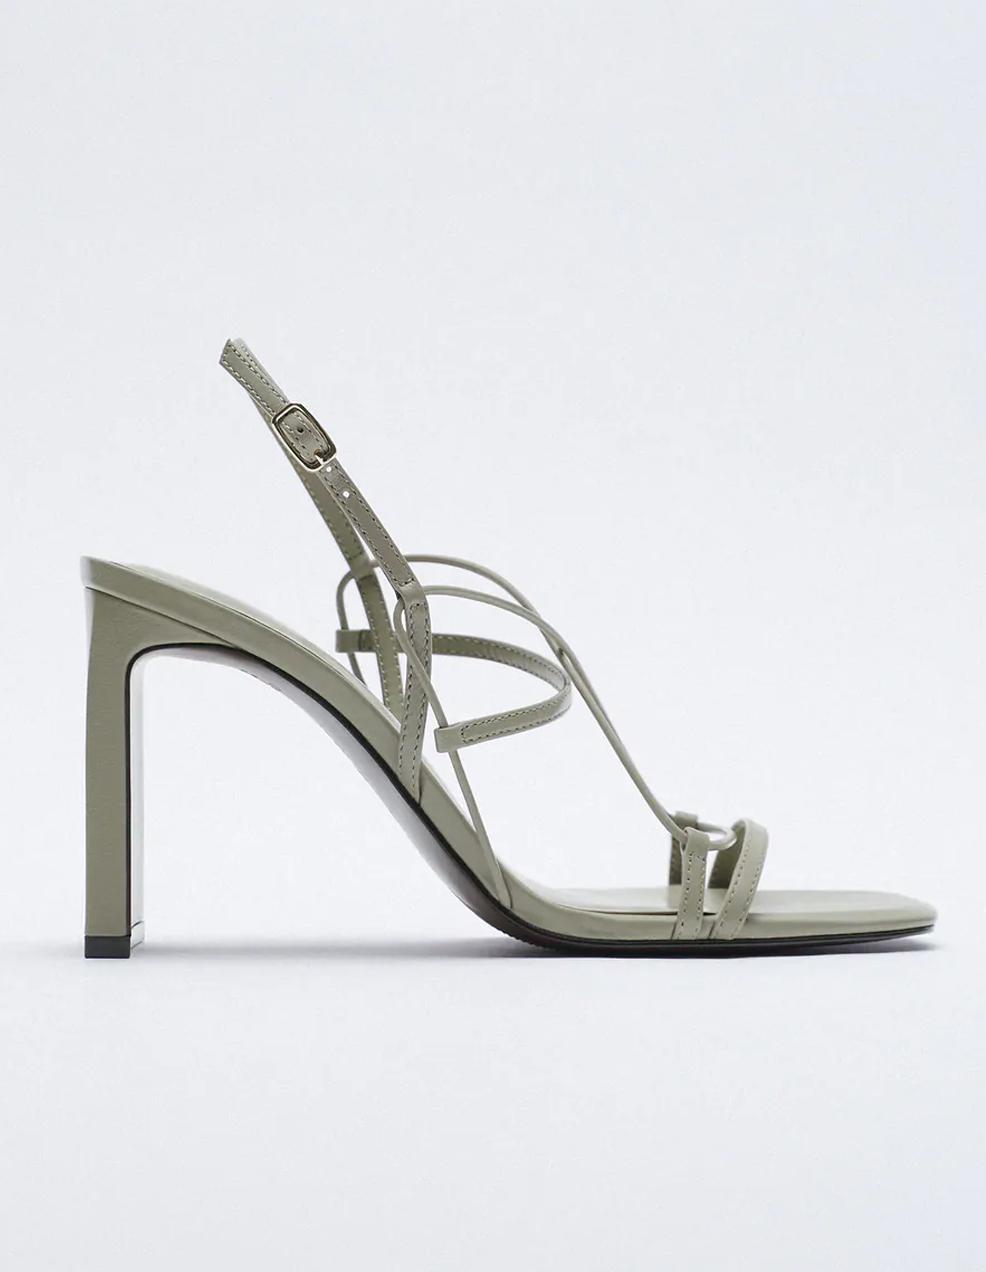 khaki leather heeled sandals